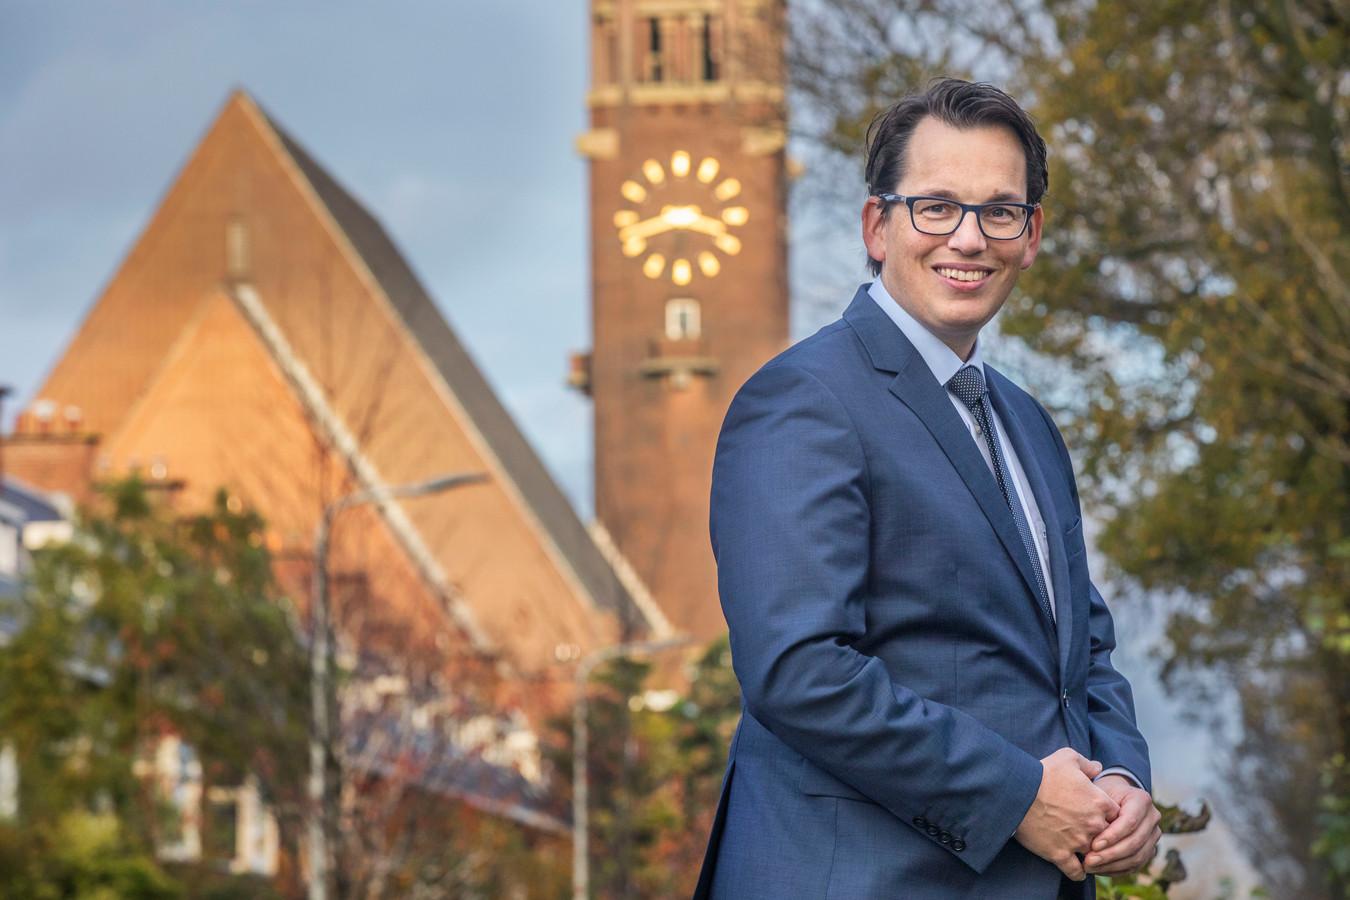 Pieter Grinwis op de Laan van Meerdervoort. Op de achtergrond de Bethlehemkerk.